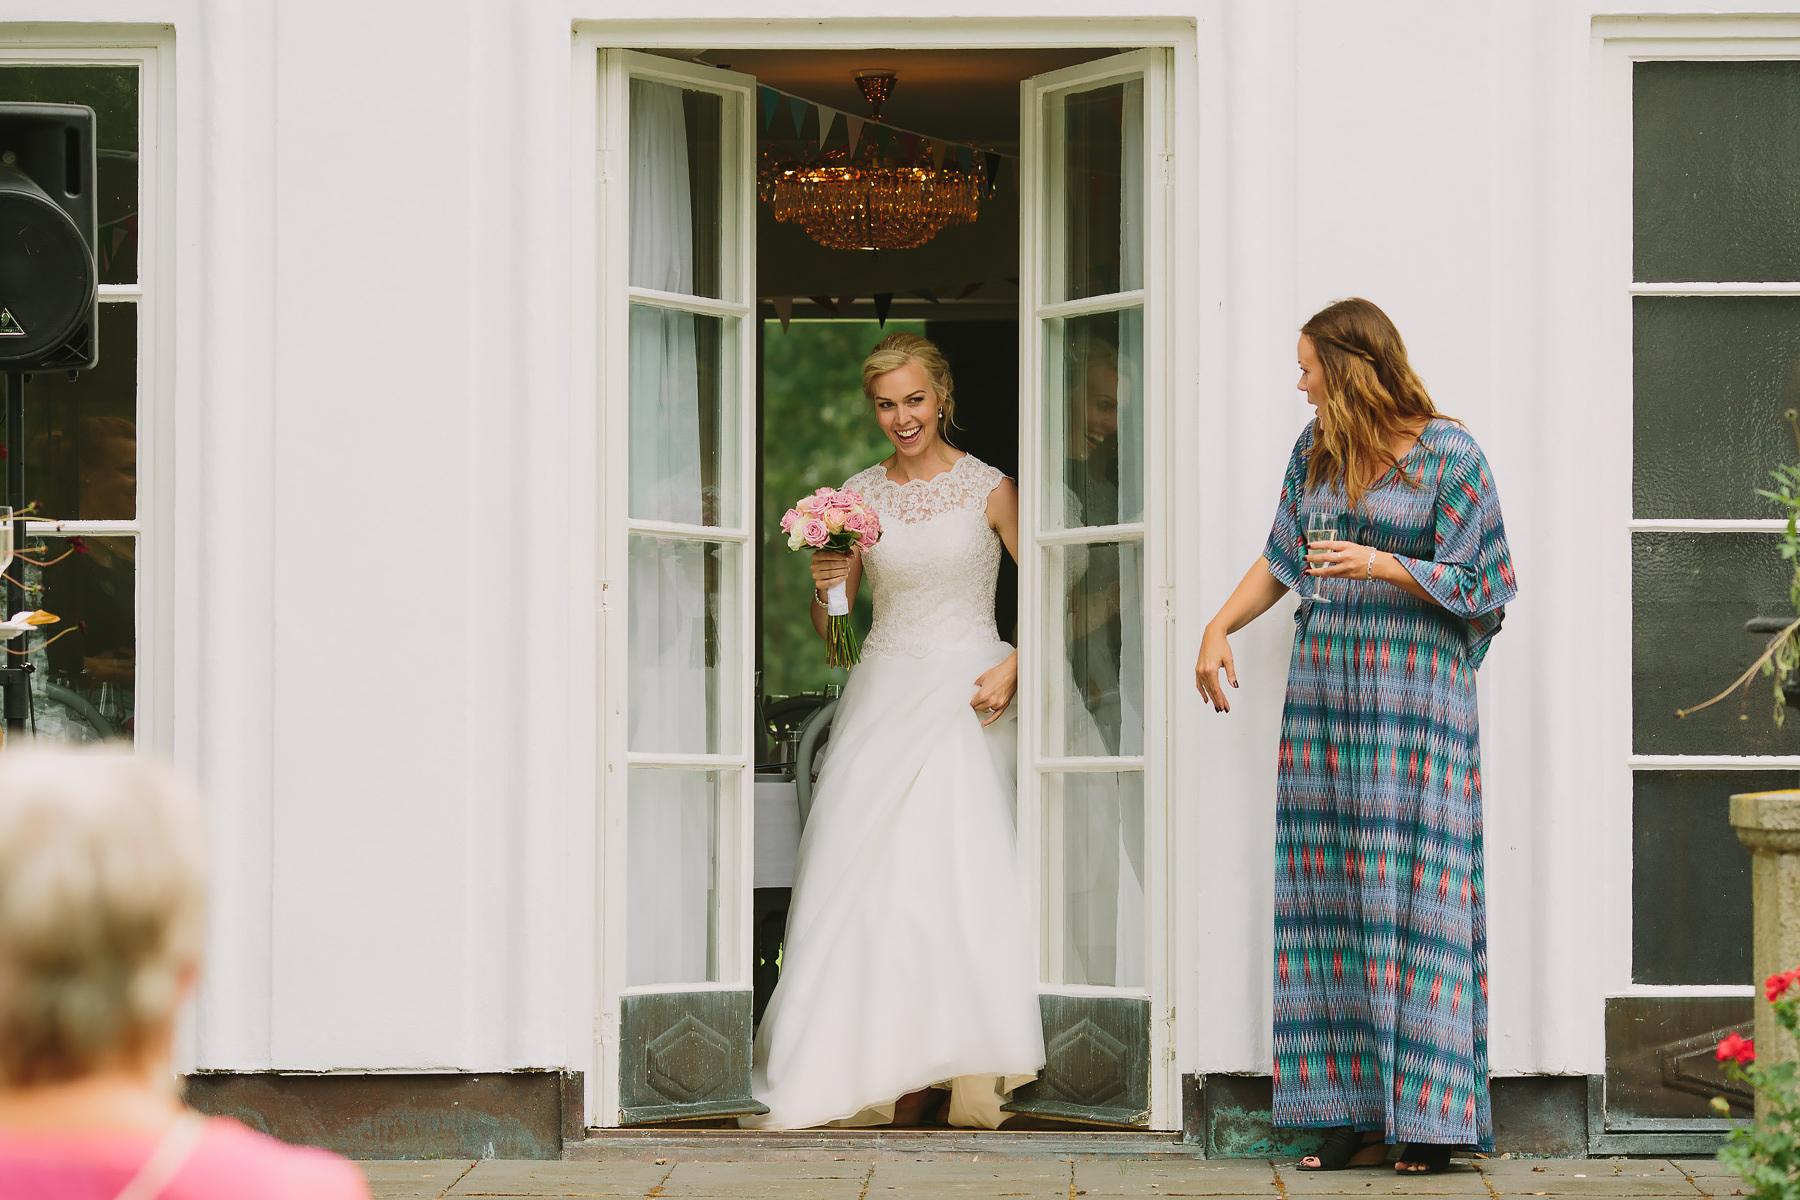 bruden anländer till mingel